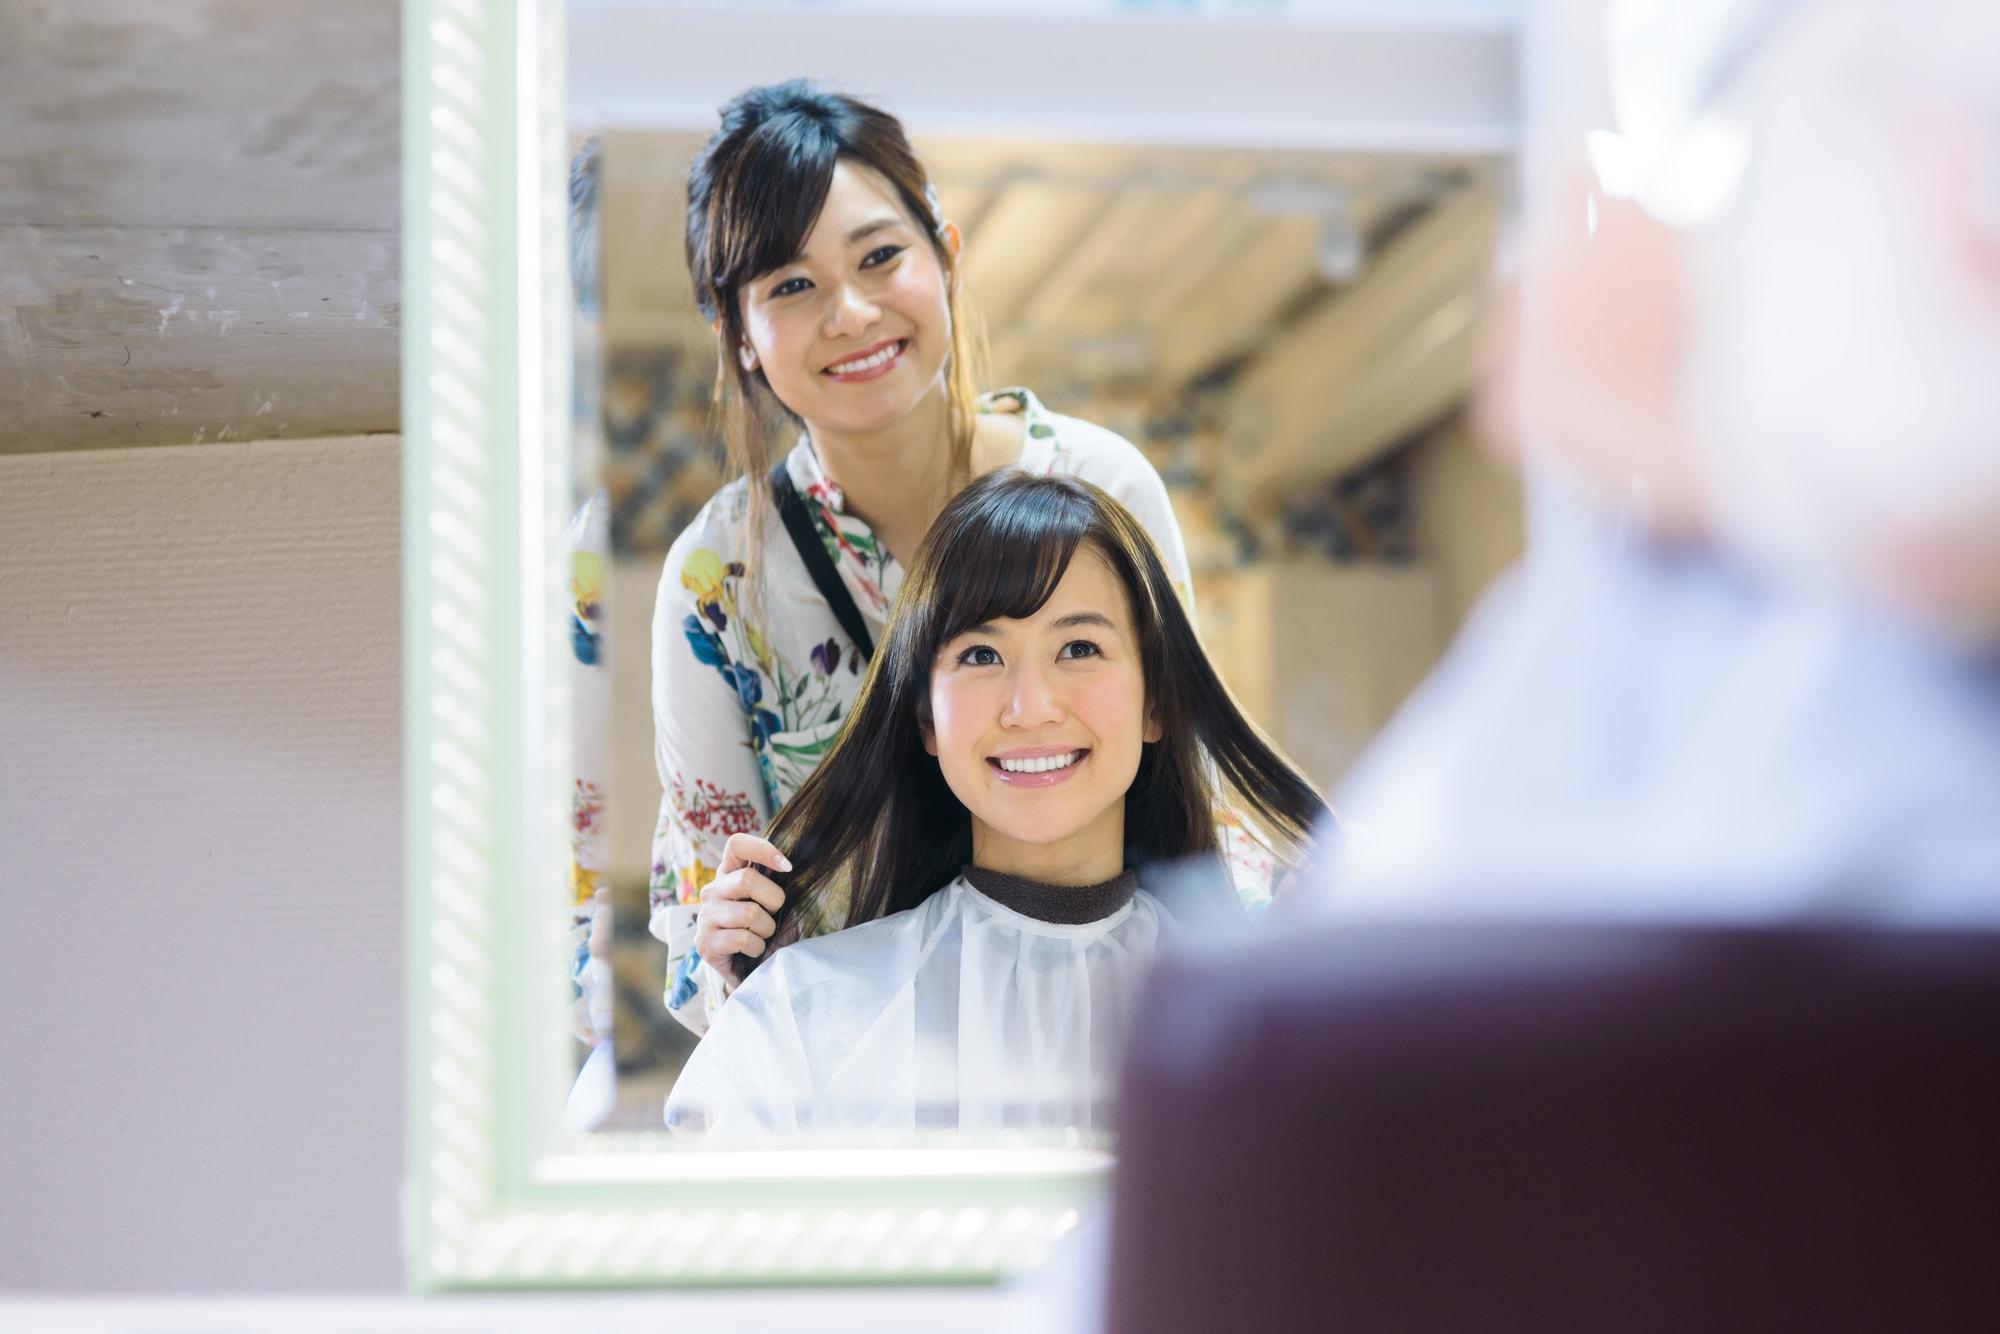 美容師の仕事に役立つ4種類の資格